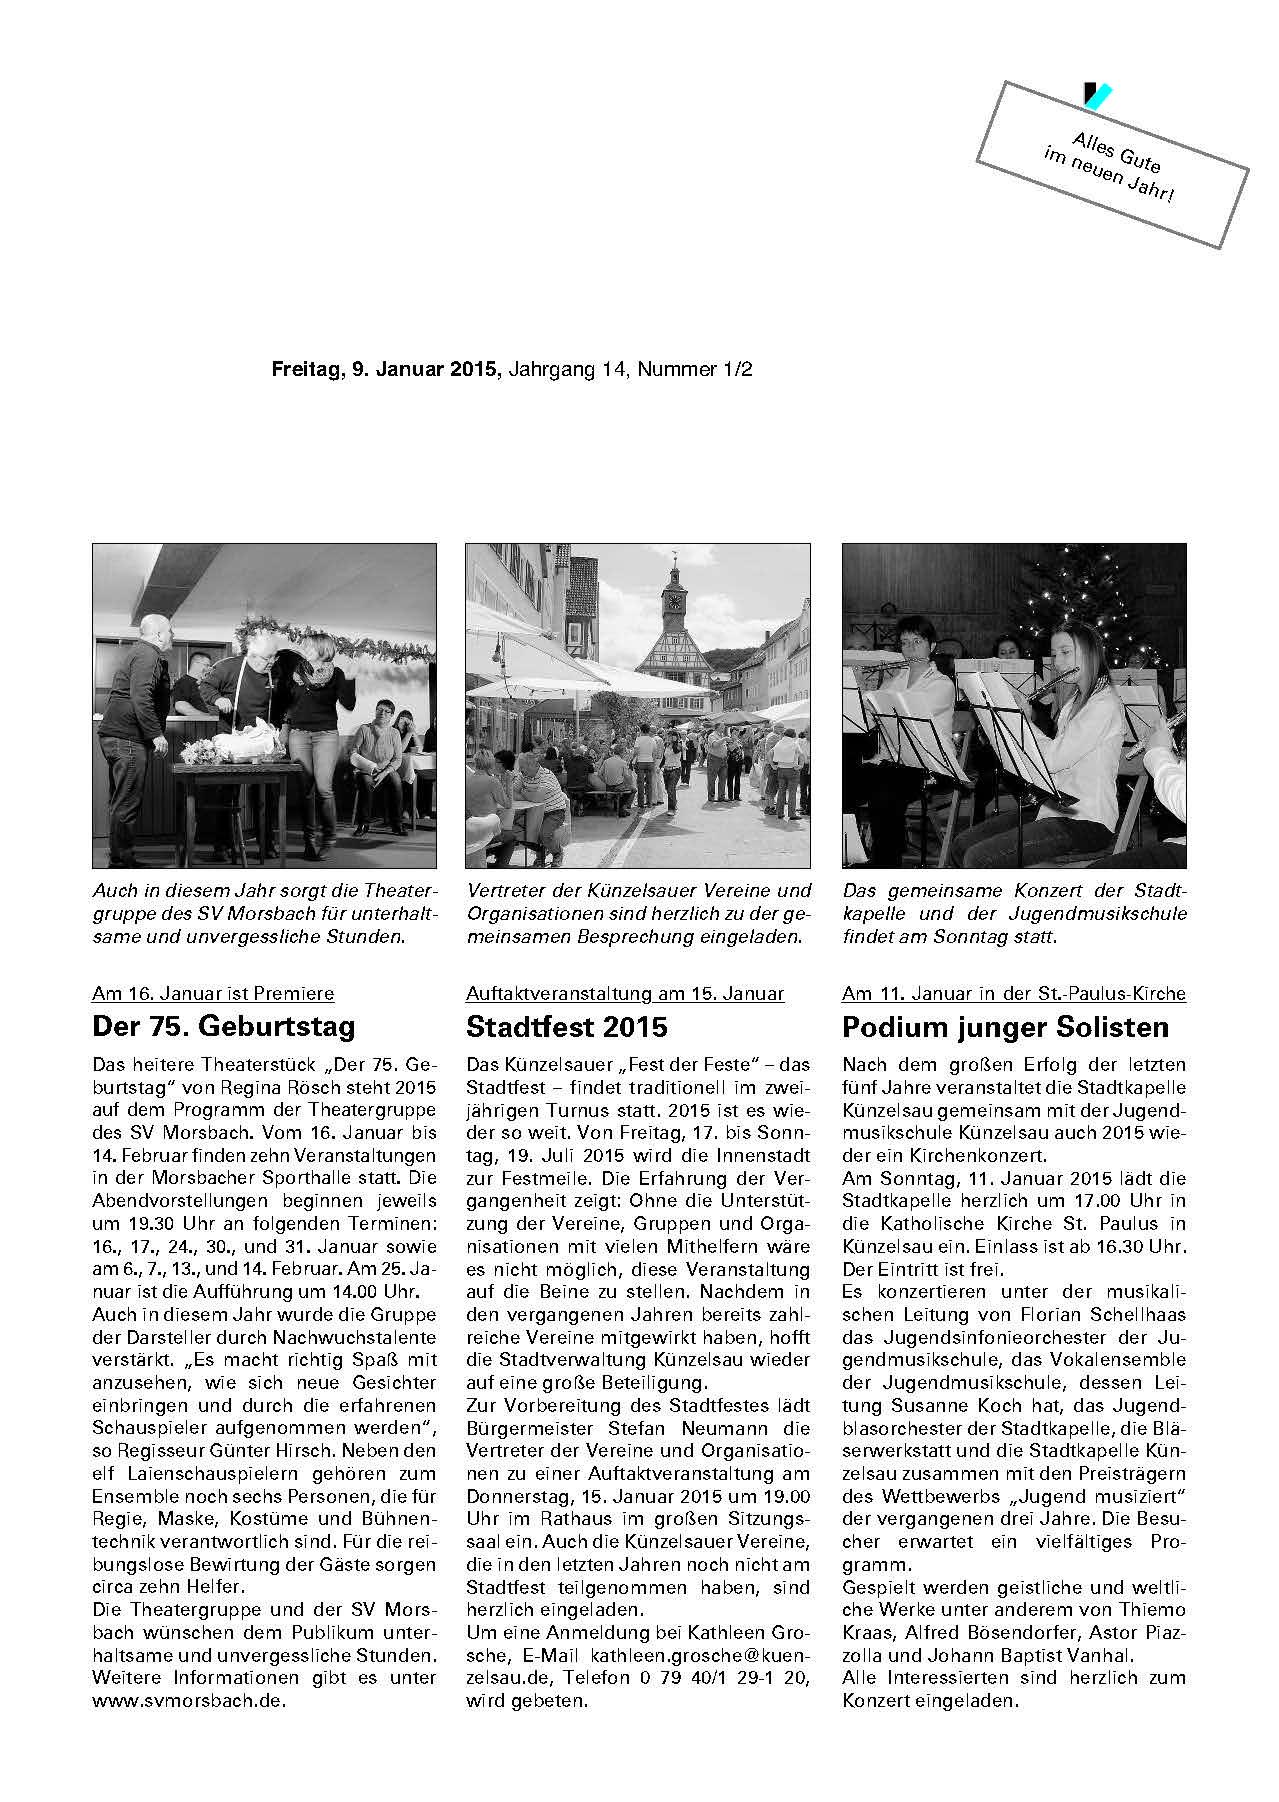 theater_201501_Amtsblatt_09_01_15